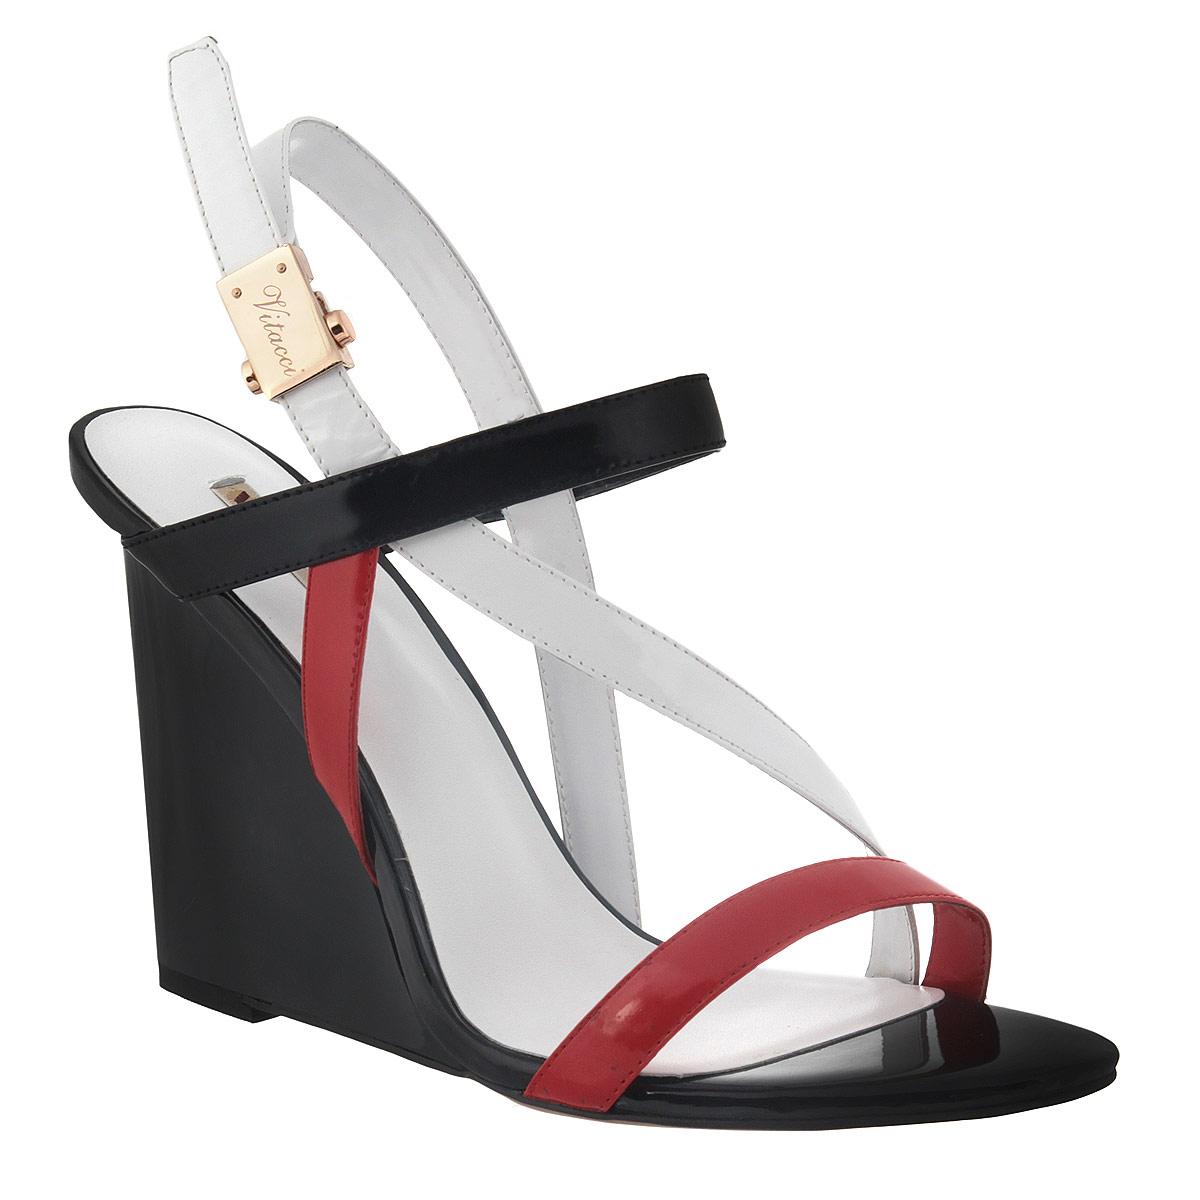 Босоножки. 50134501341Стильные босоножки Vitacci - незаменимая вещь в гардеробе каждой женщины. Модель выполнена из высококачественной натуральной кожи и исполнена в трех цветах. Изделие оформлено переплетенными ремешками, которое надежно зафиксируют модель на ноге. Один из фиксирующих ремешков застегивается при помощи оригинального металлического замочка, декорированного названием бренда. Стелька из натуральной кожи обеспечивает комфорт при ходьбе. Высокая танкетка дополнена платформой. Подошва с рифлением не скользит. Изысканные босоножки прекрасно дополнят ваш женственный образ.